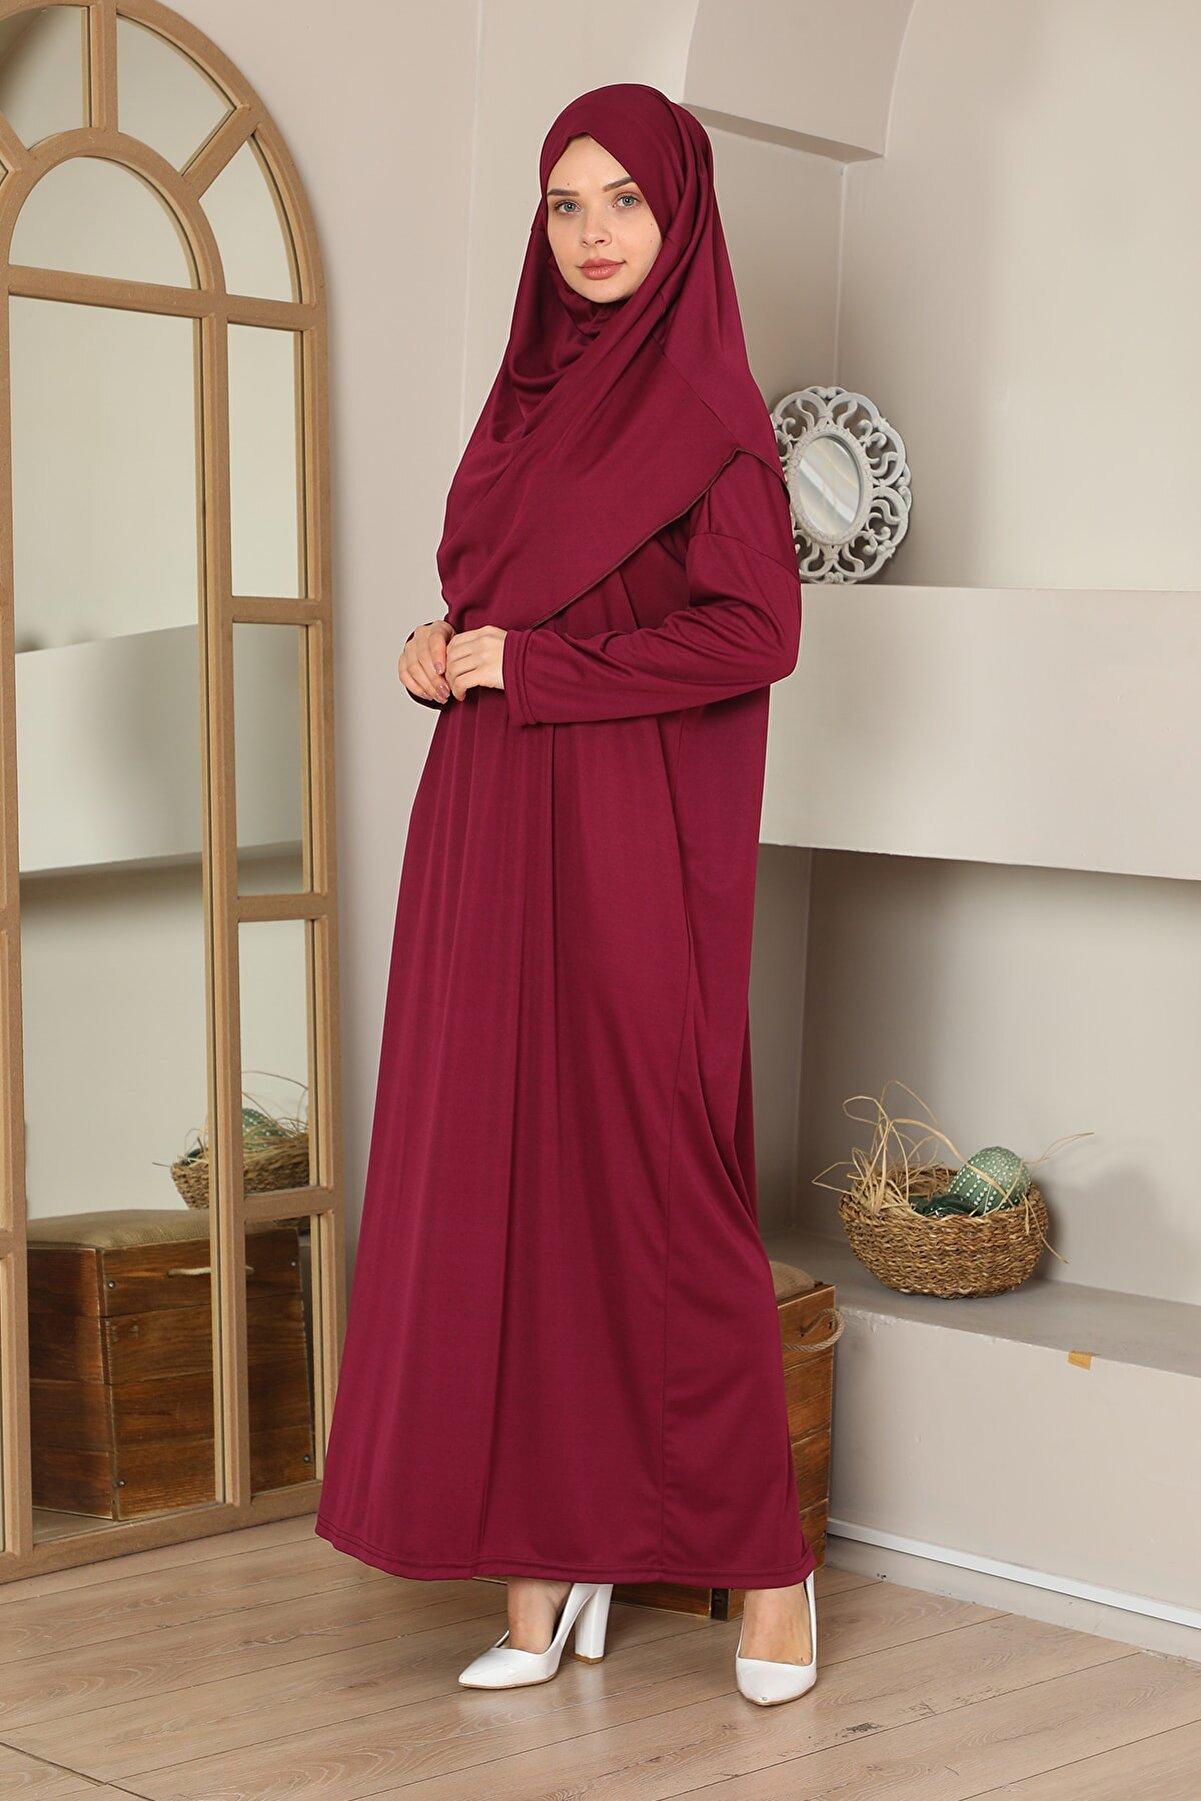 medipek Kolay Giyilebilen Tek Parça Namaz Elbisesi Bordo